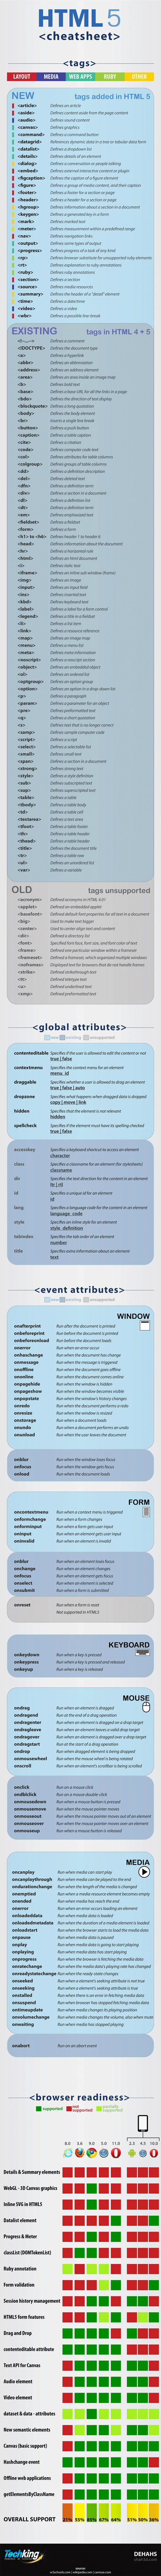 HTML 5. Código directo de programación. Poquitas cosas por aprender verdad?